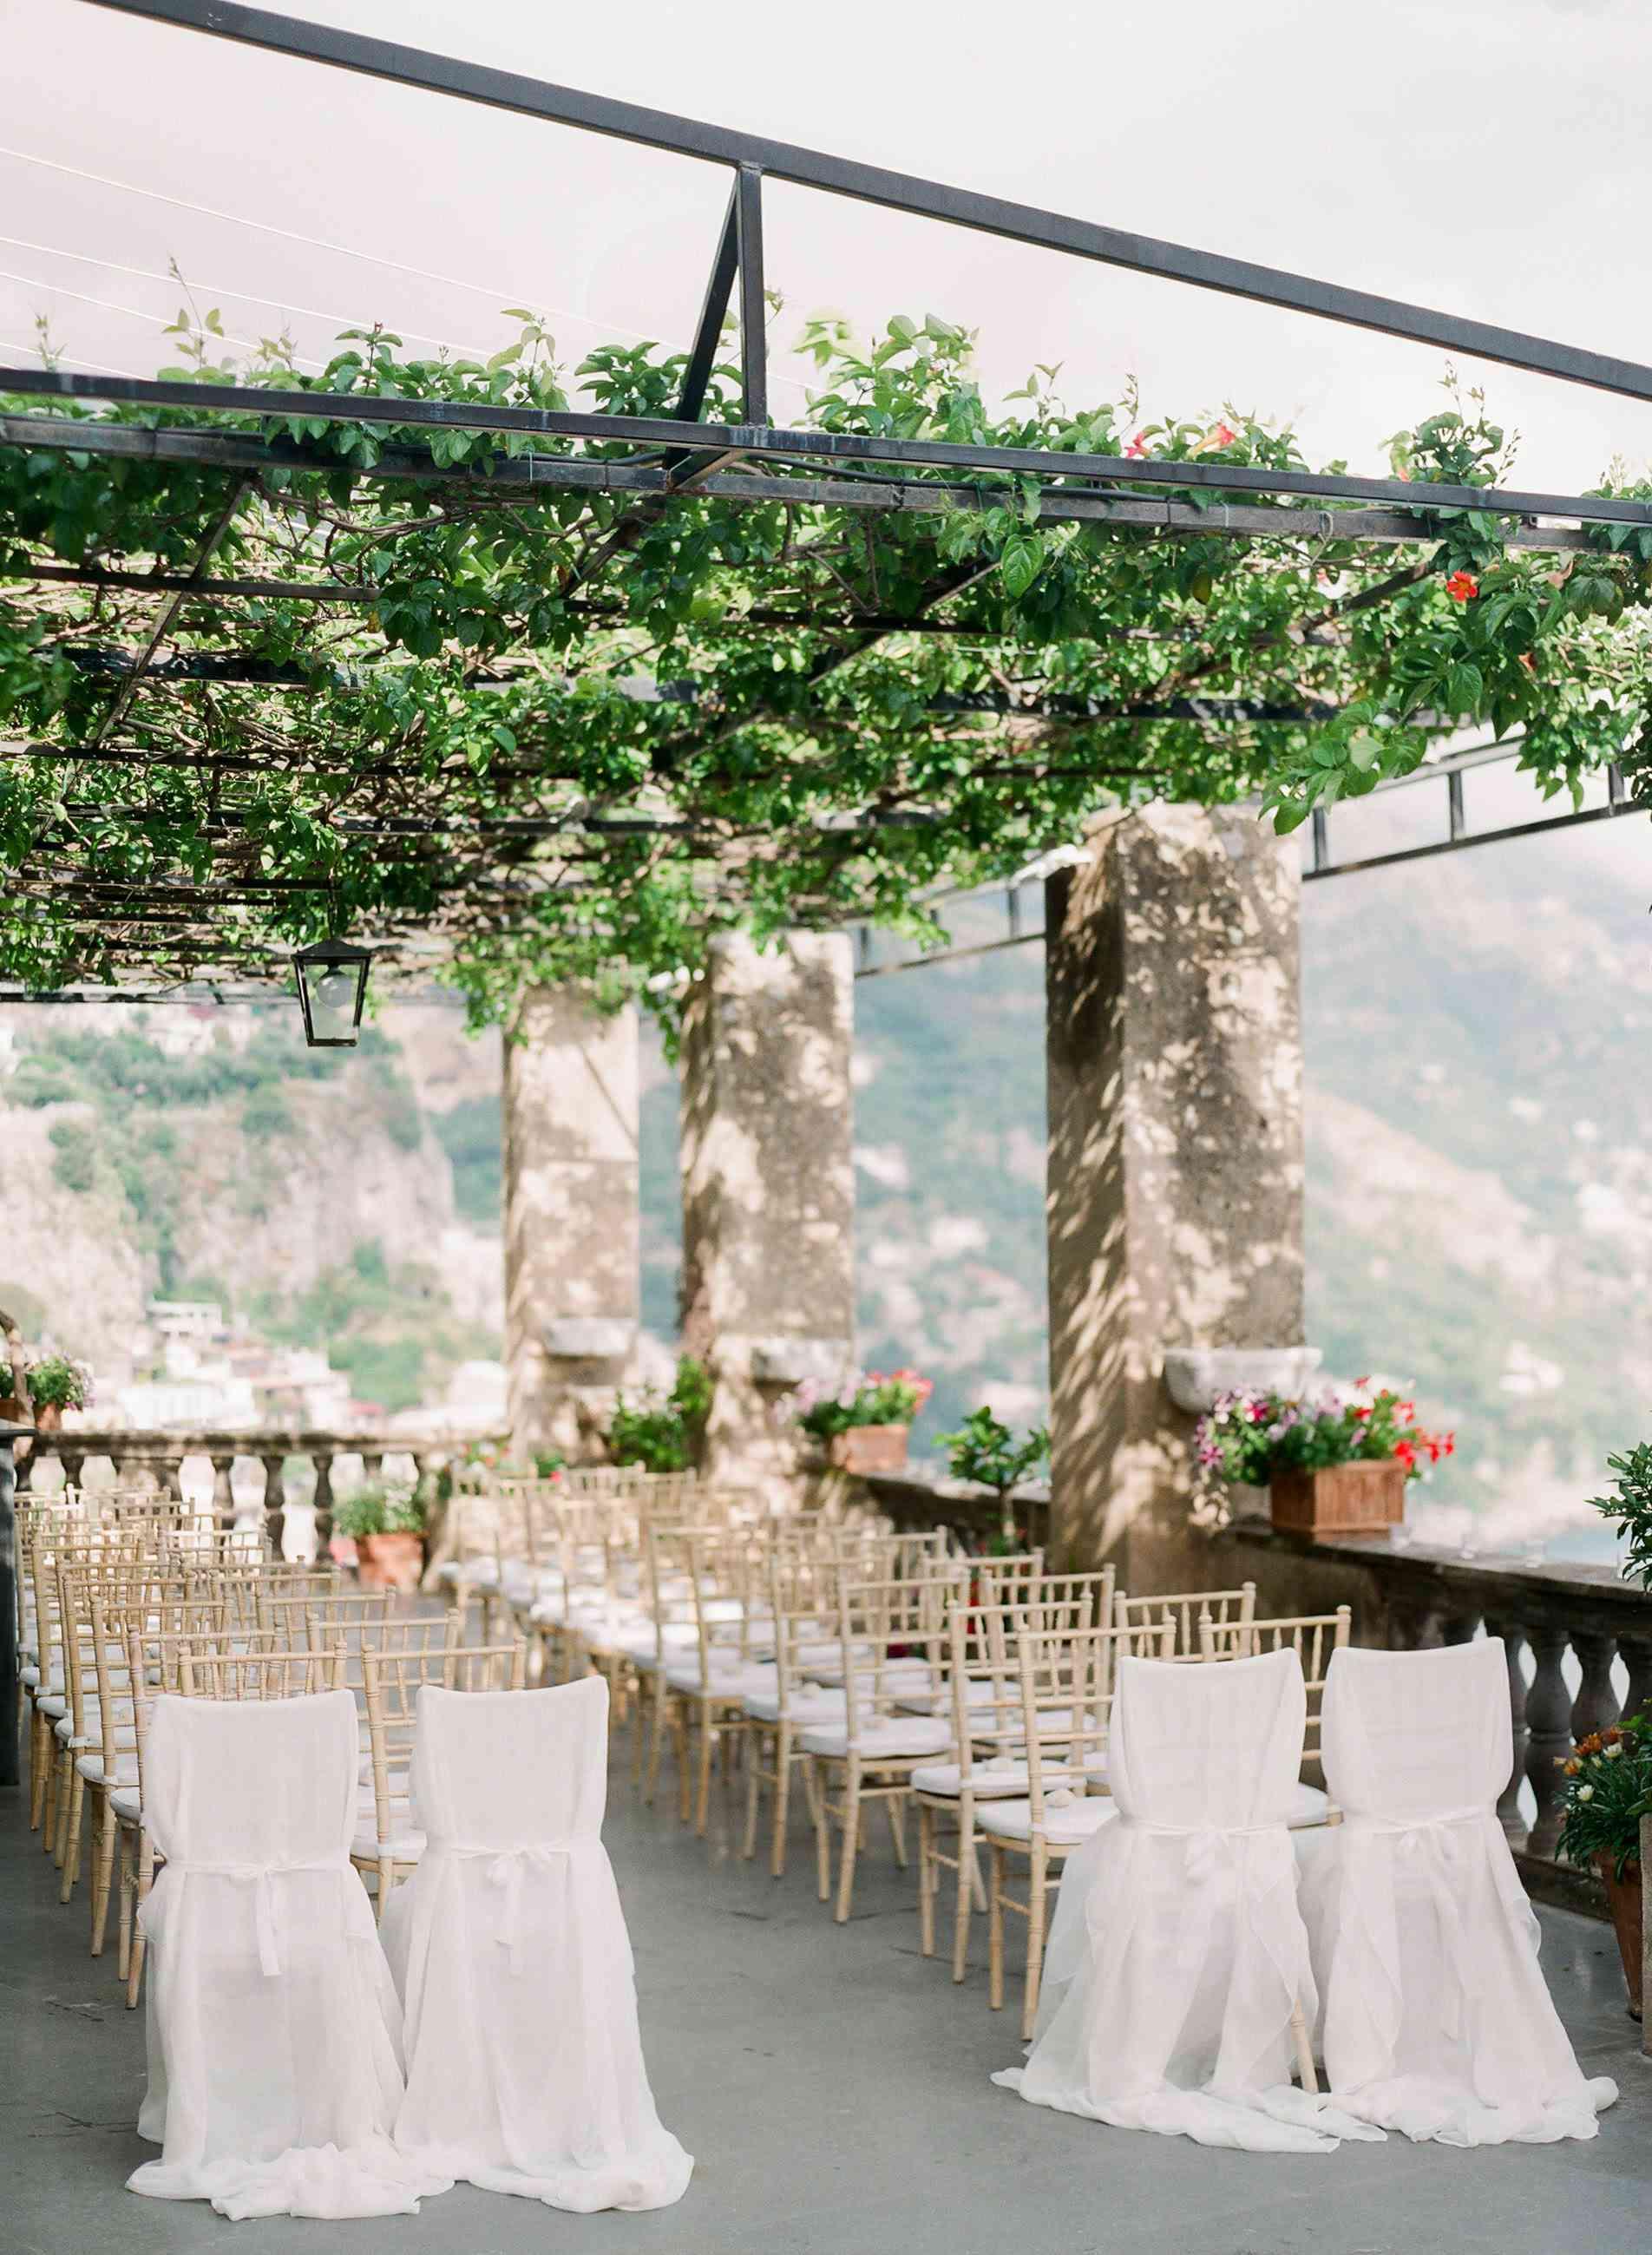 Wedding ceremony on the Amalfi Coast